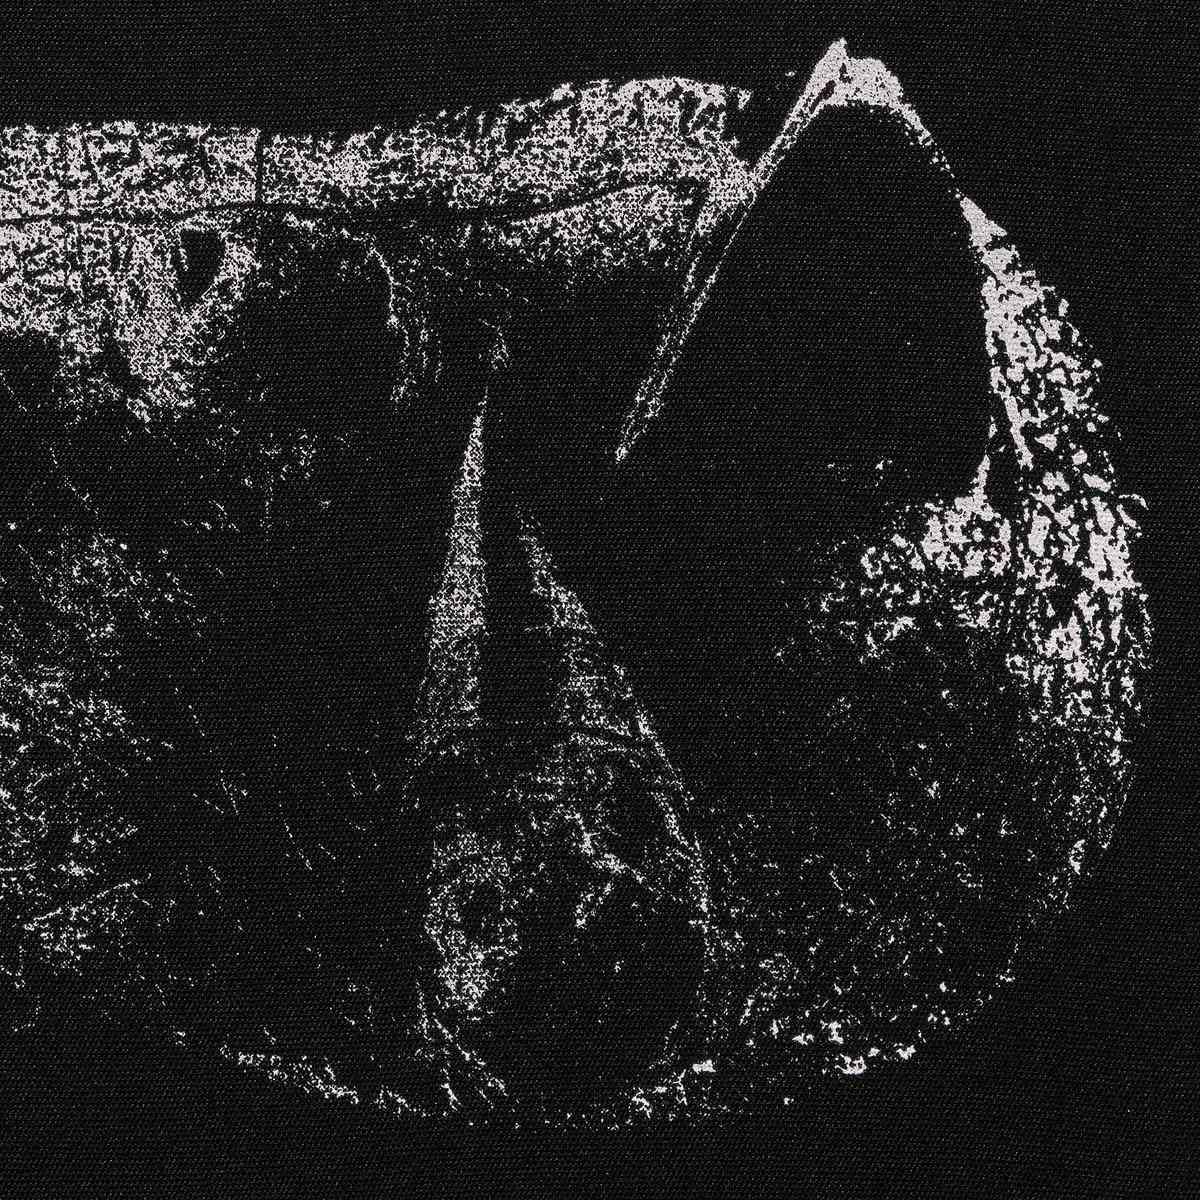 demon head - viscera - album cover